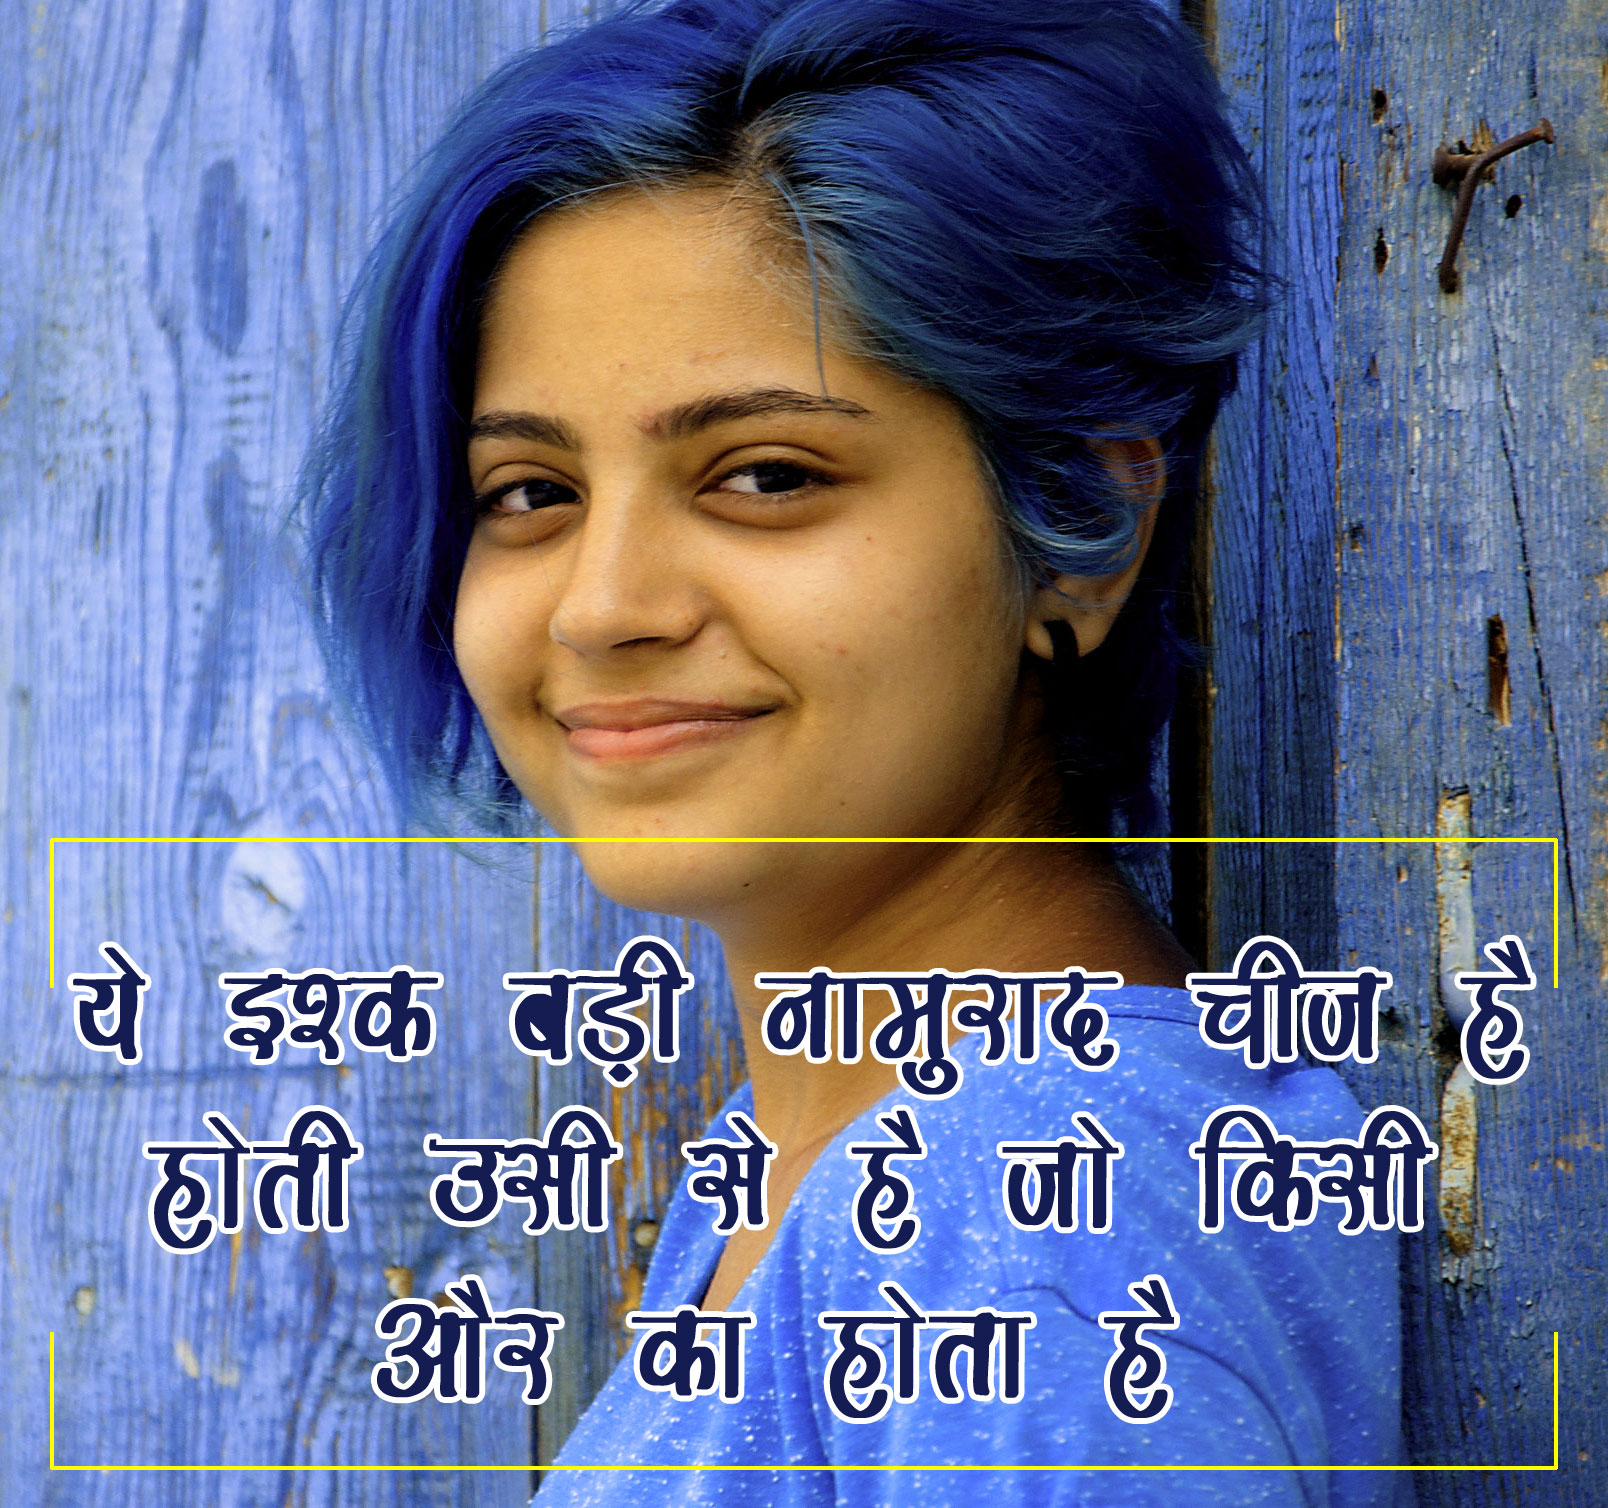 Love Whatsapp Status Images In Hindi 1